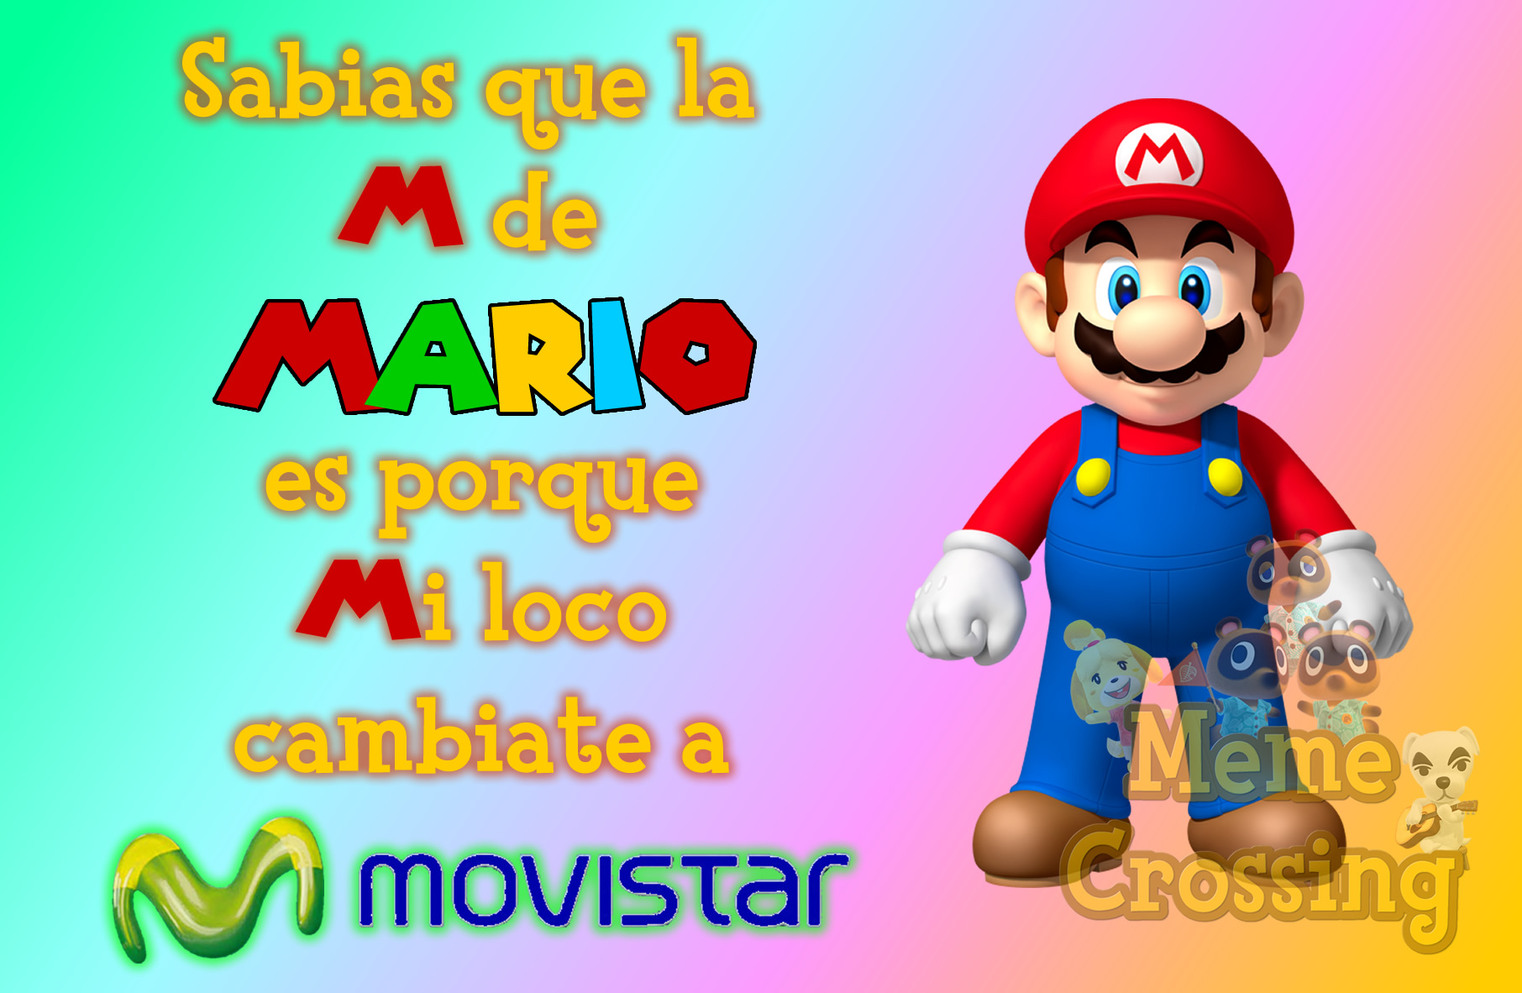 Por un lado, espero que este sea el ultimo meme de Movistar que haga, por otro lado, Meme Crossing sera mi nueva identidad de memes que usare a partir de ahora, y por otro lado, dejen de votar mis memes en moderacion con negativos